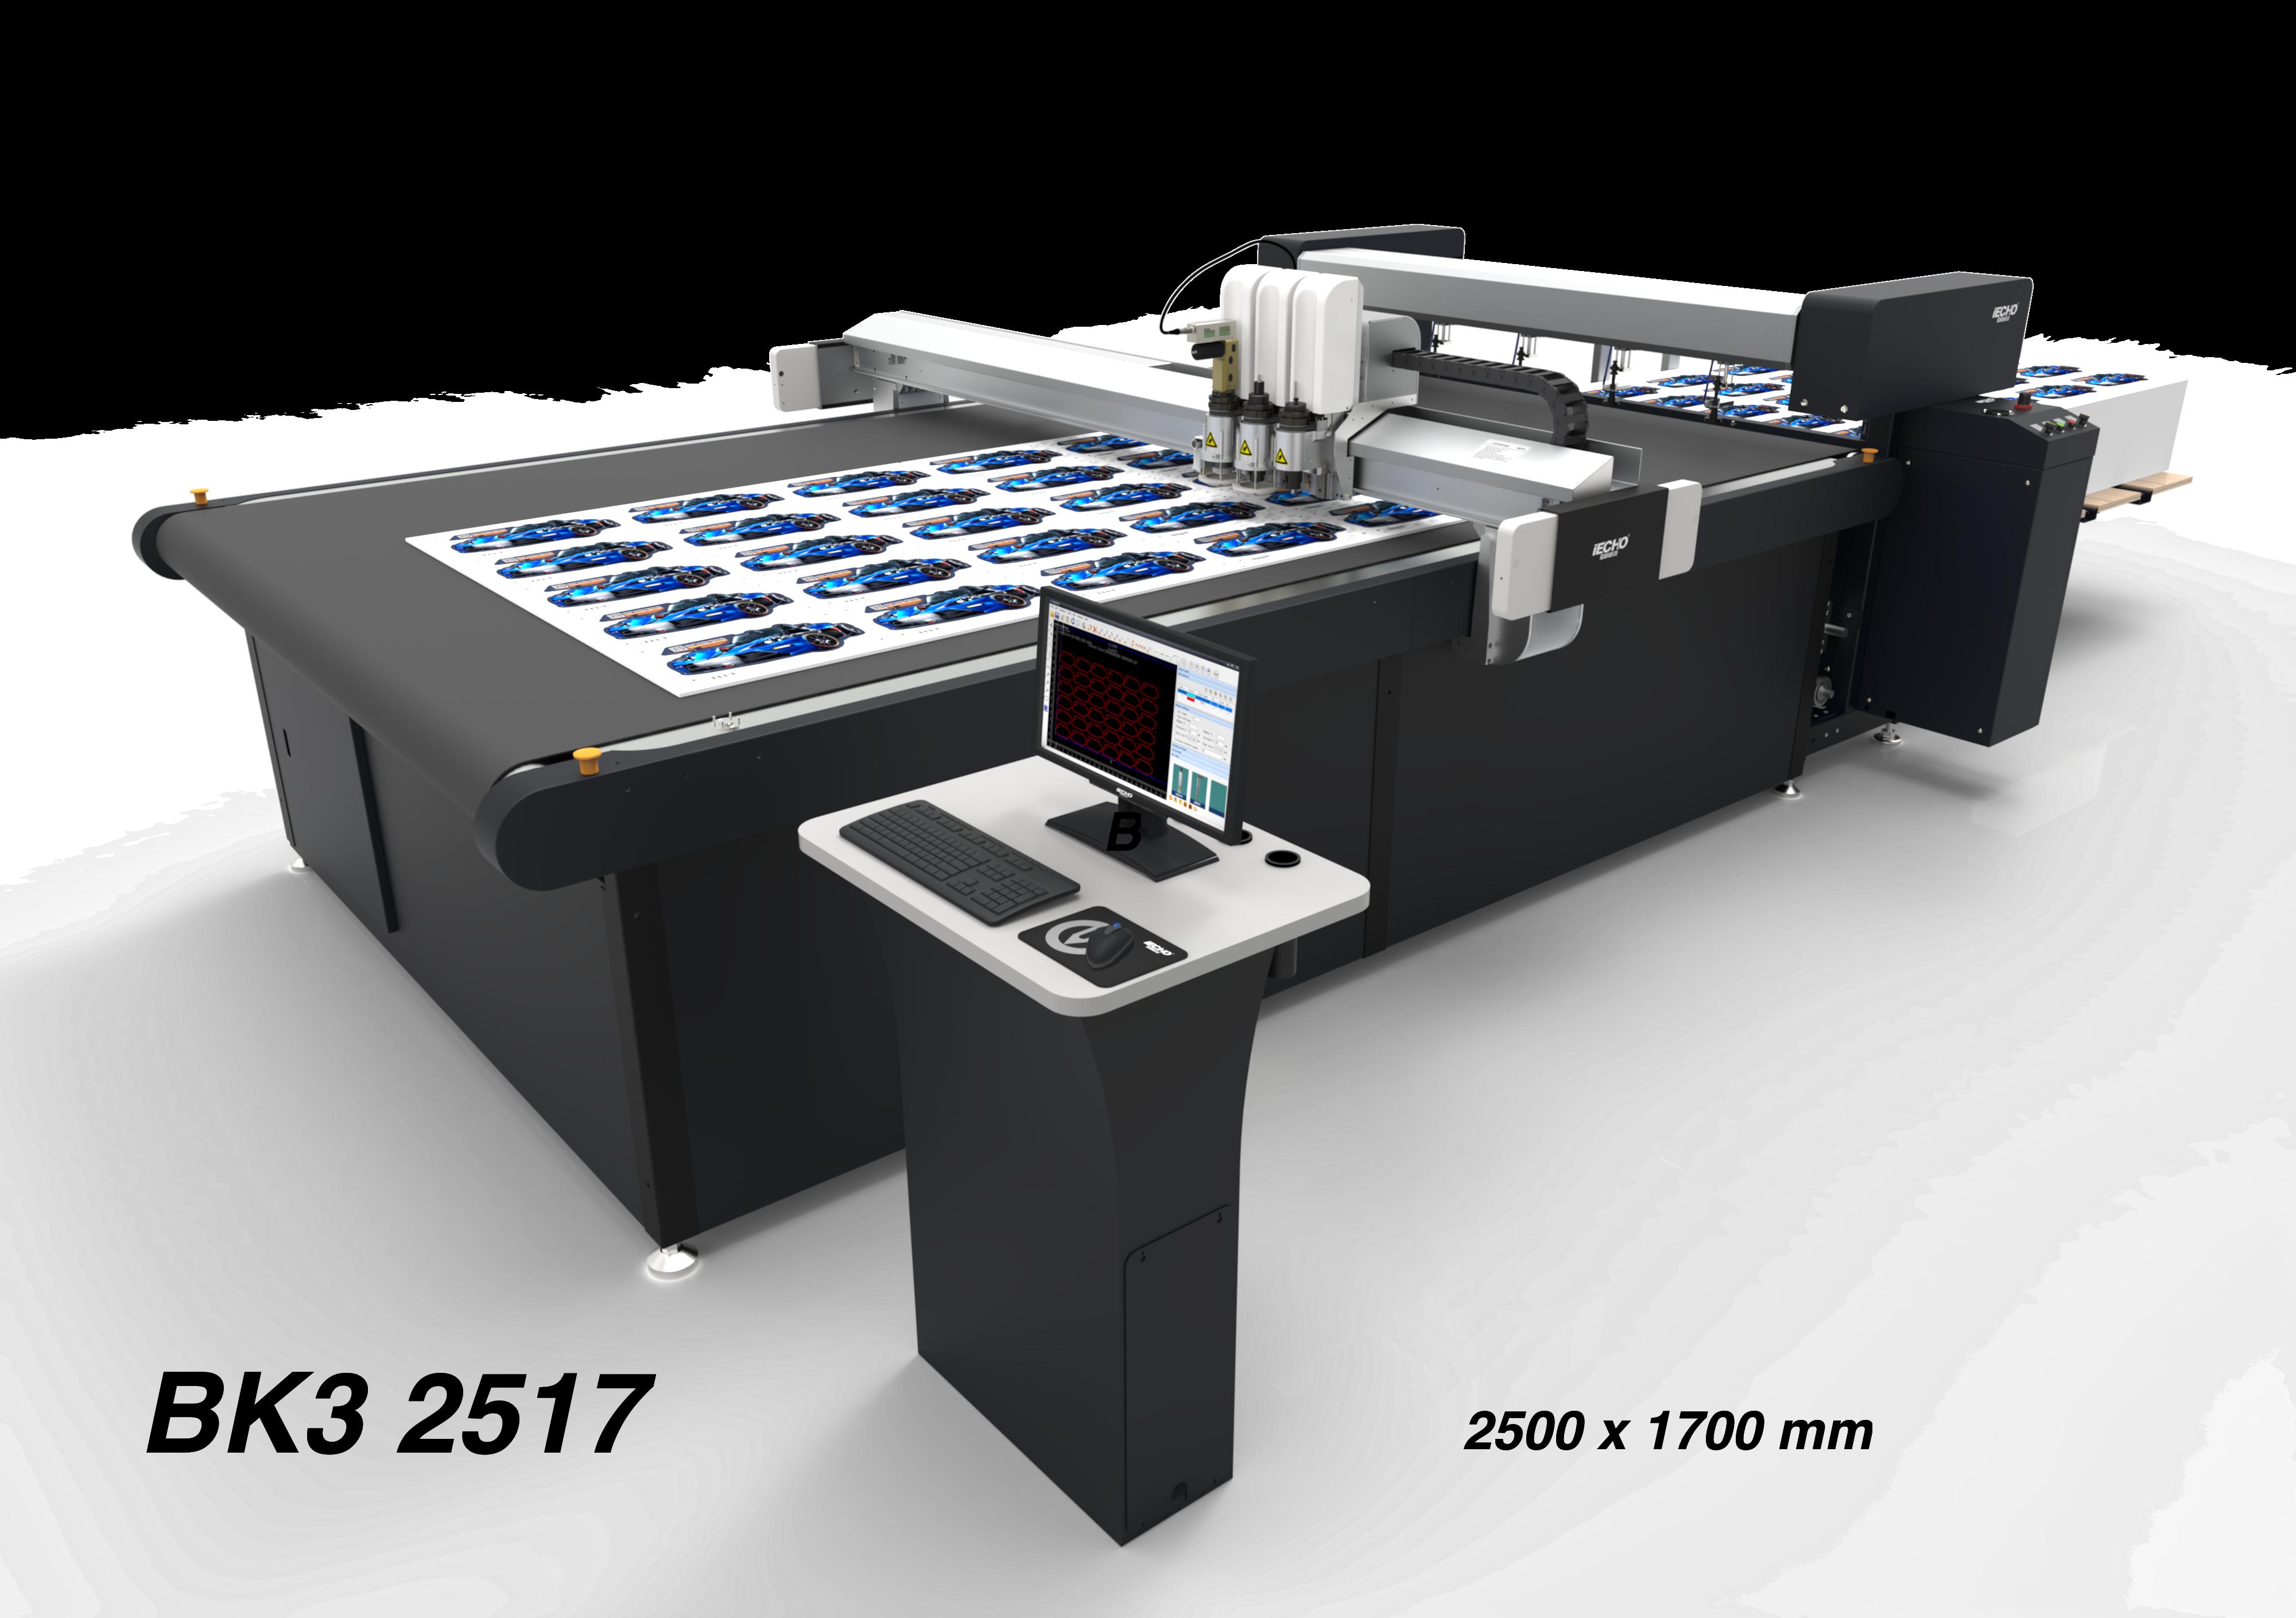 fournisseur en table de d coupe pour les professionnels caprofilm. Black Bedroom Furniture Sets. Home Design Ideas